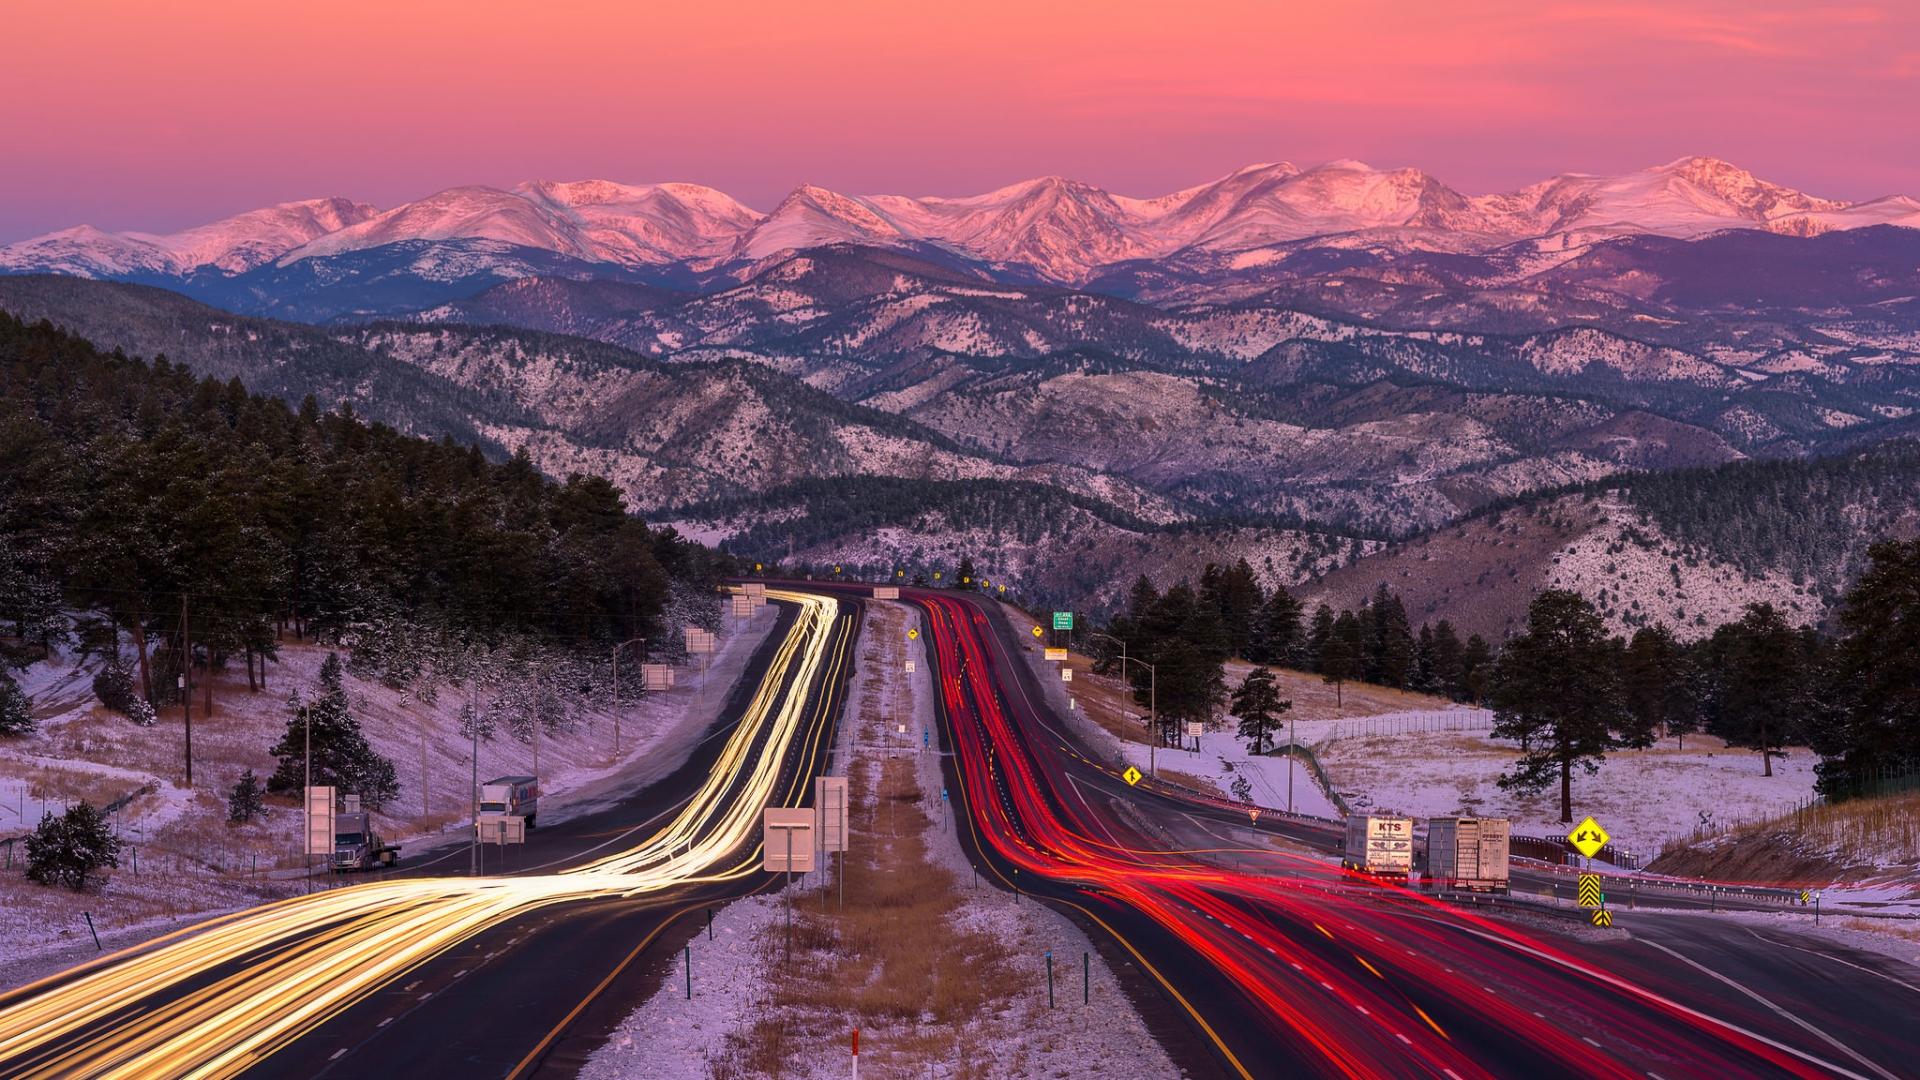 Una bella fotografía en una carretera - 1920x1080